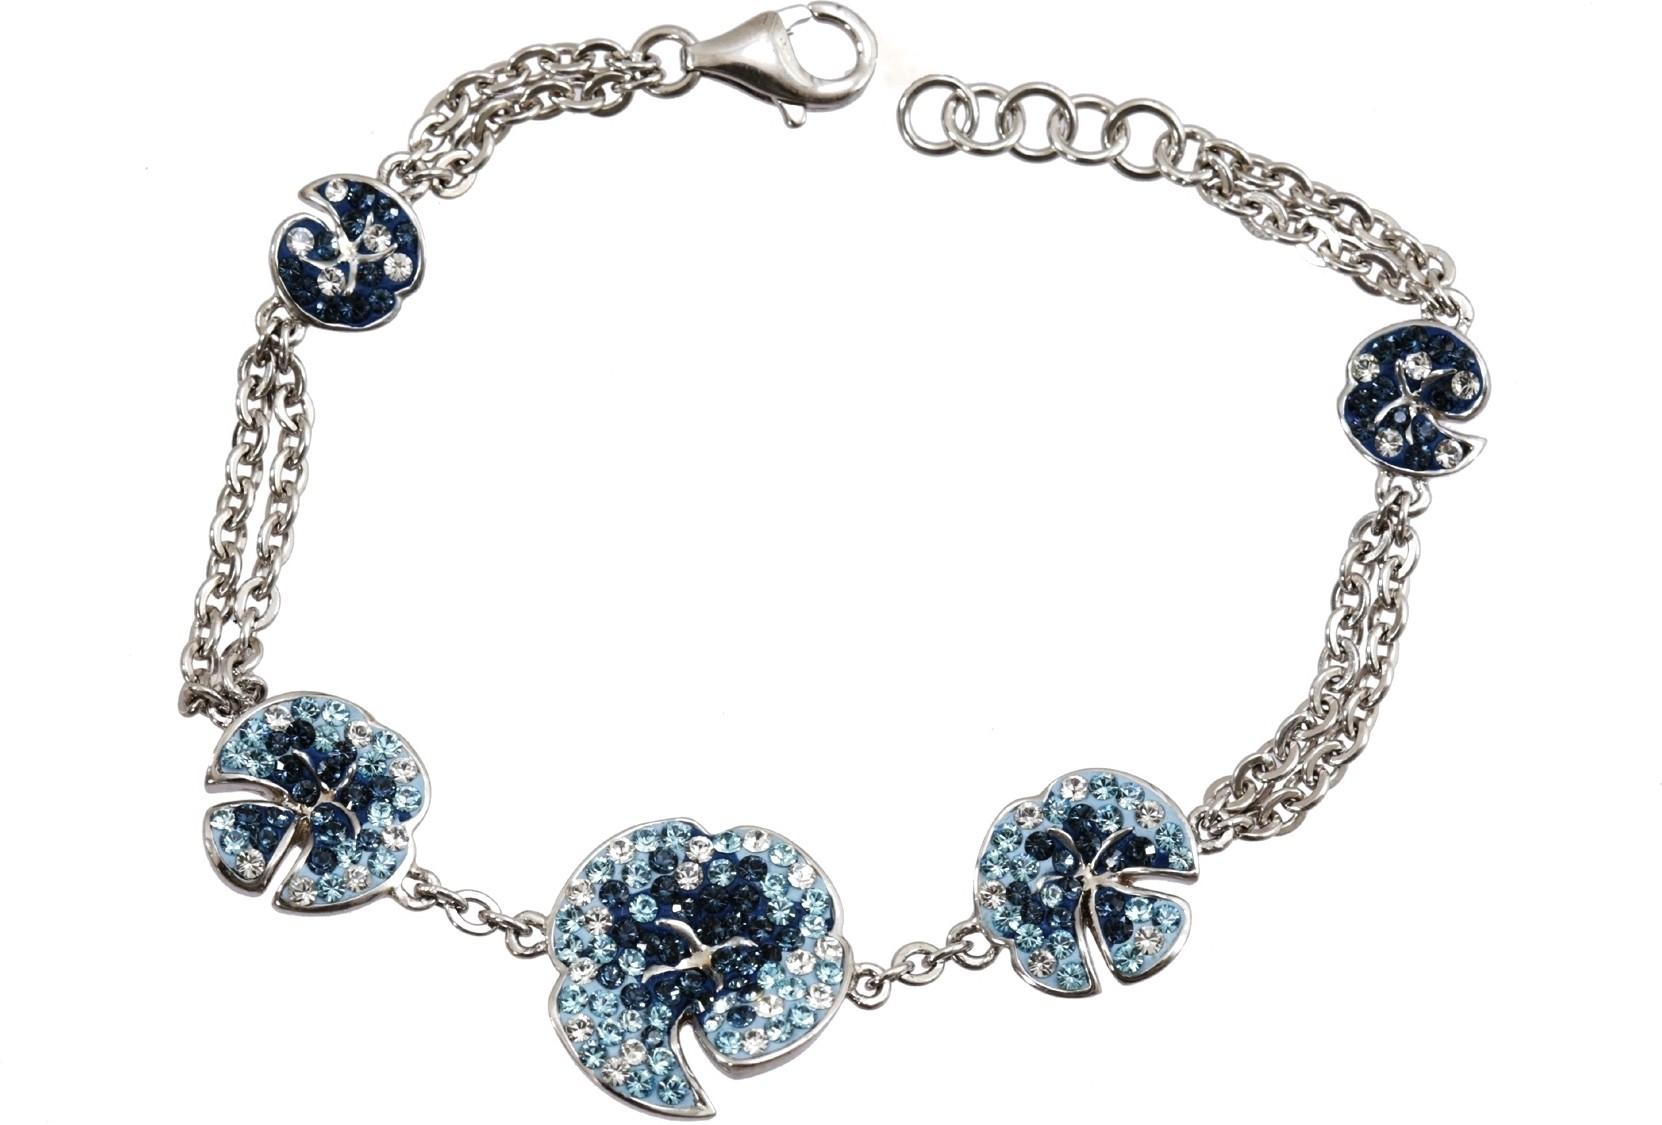 Crystal Bracelet India Crystal Bracelet Online at